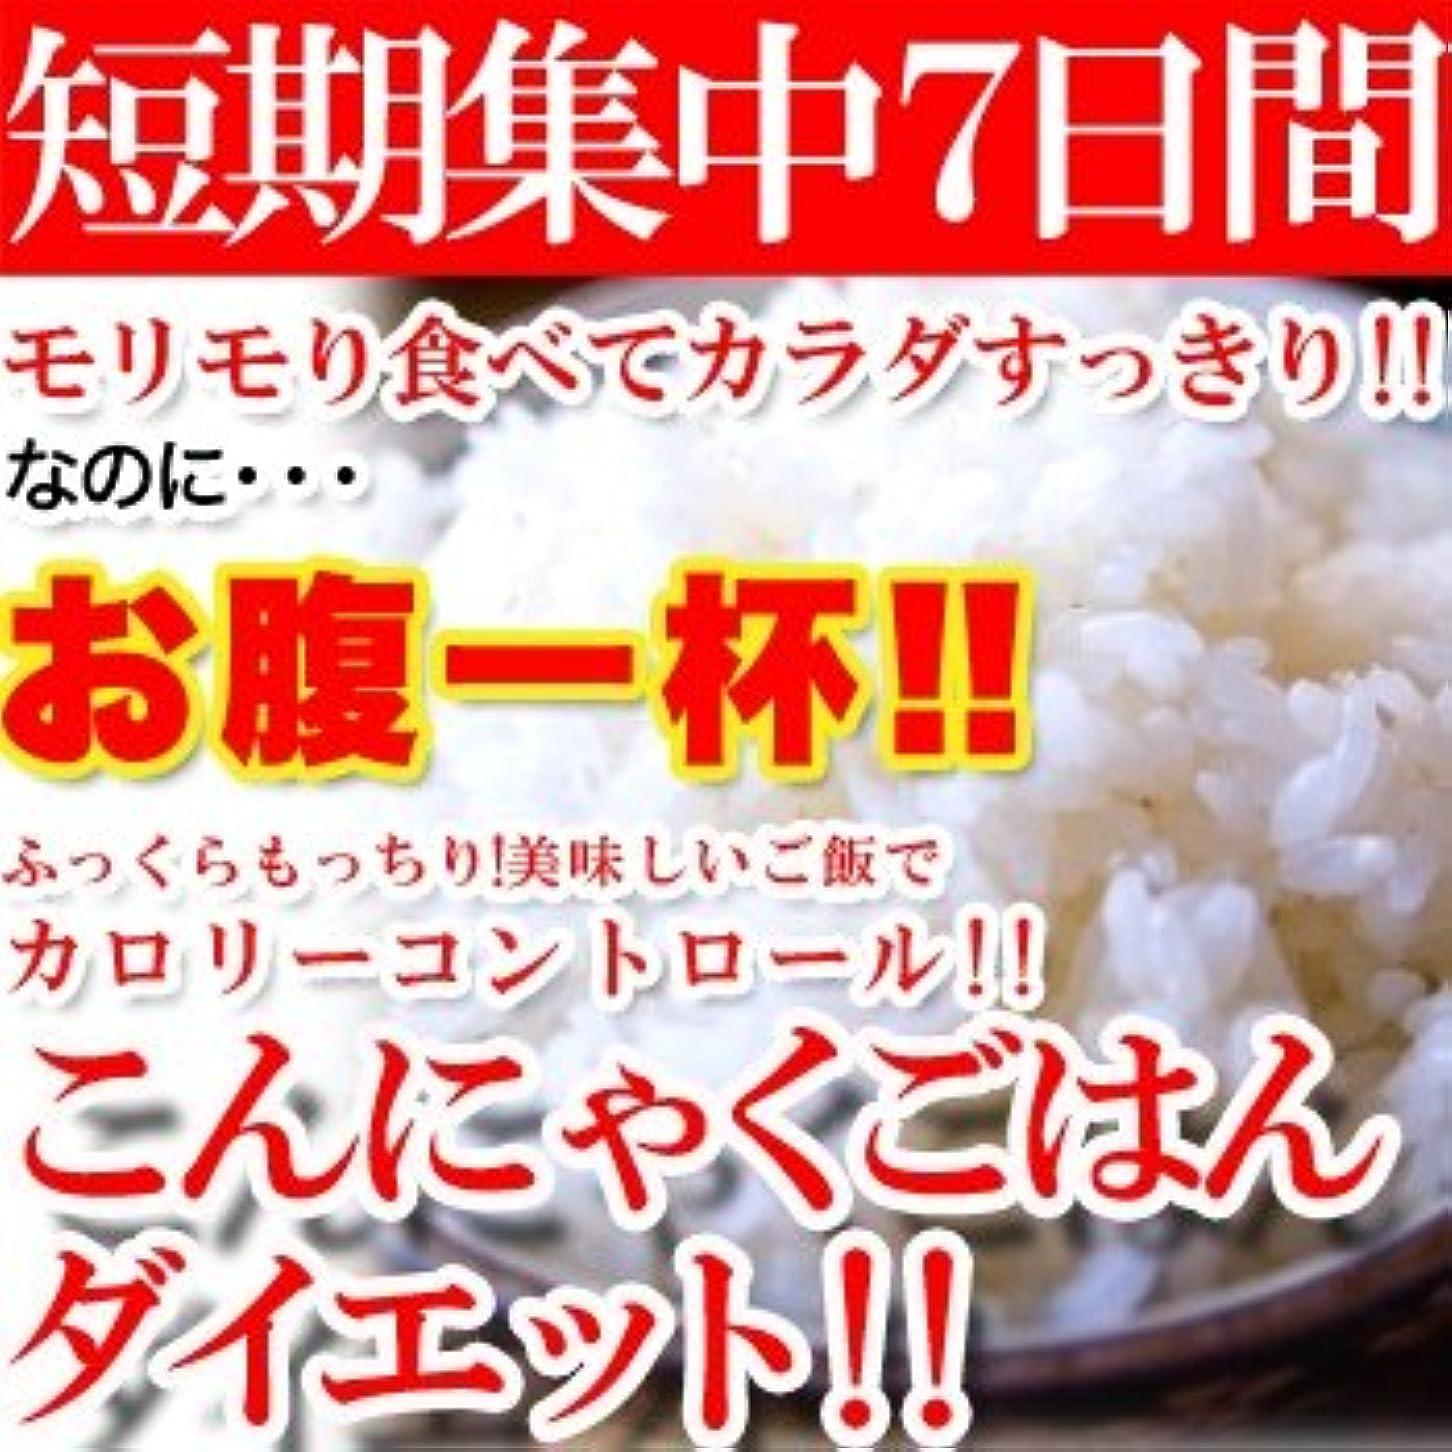 完全にインゲンスイ【短期集中☆】7日間こんにゃくごはんダイエット! 4個セット ※「白いご飯」、「炭水化物」好きの方必見!いつものご飯に混ぜて炊くだけ!